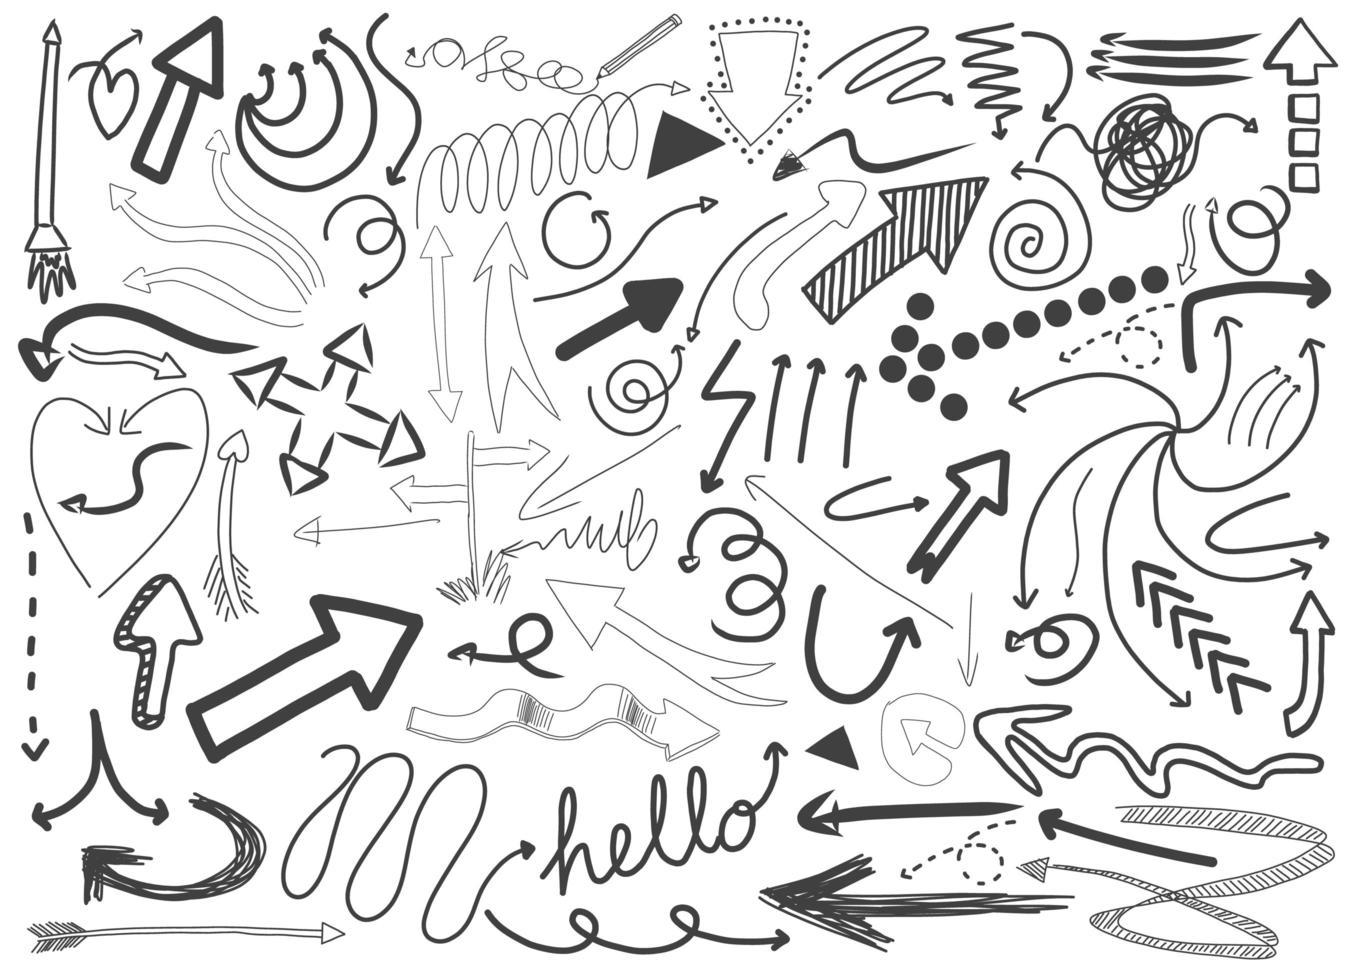 olika doodle stroke isolerad på vit bakgrund vektor